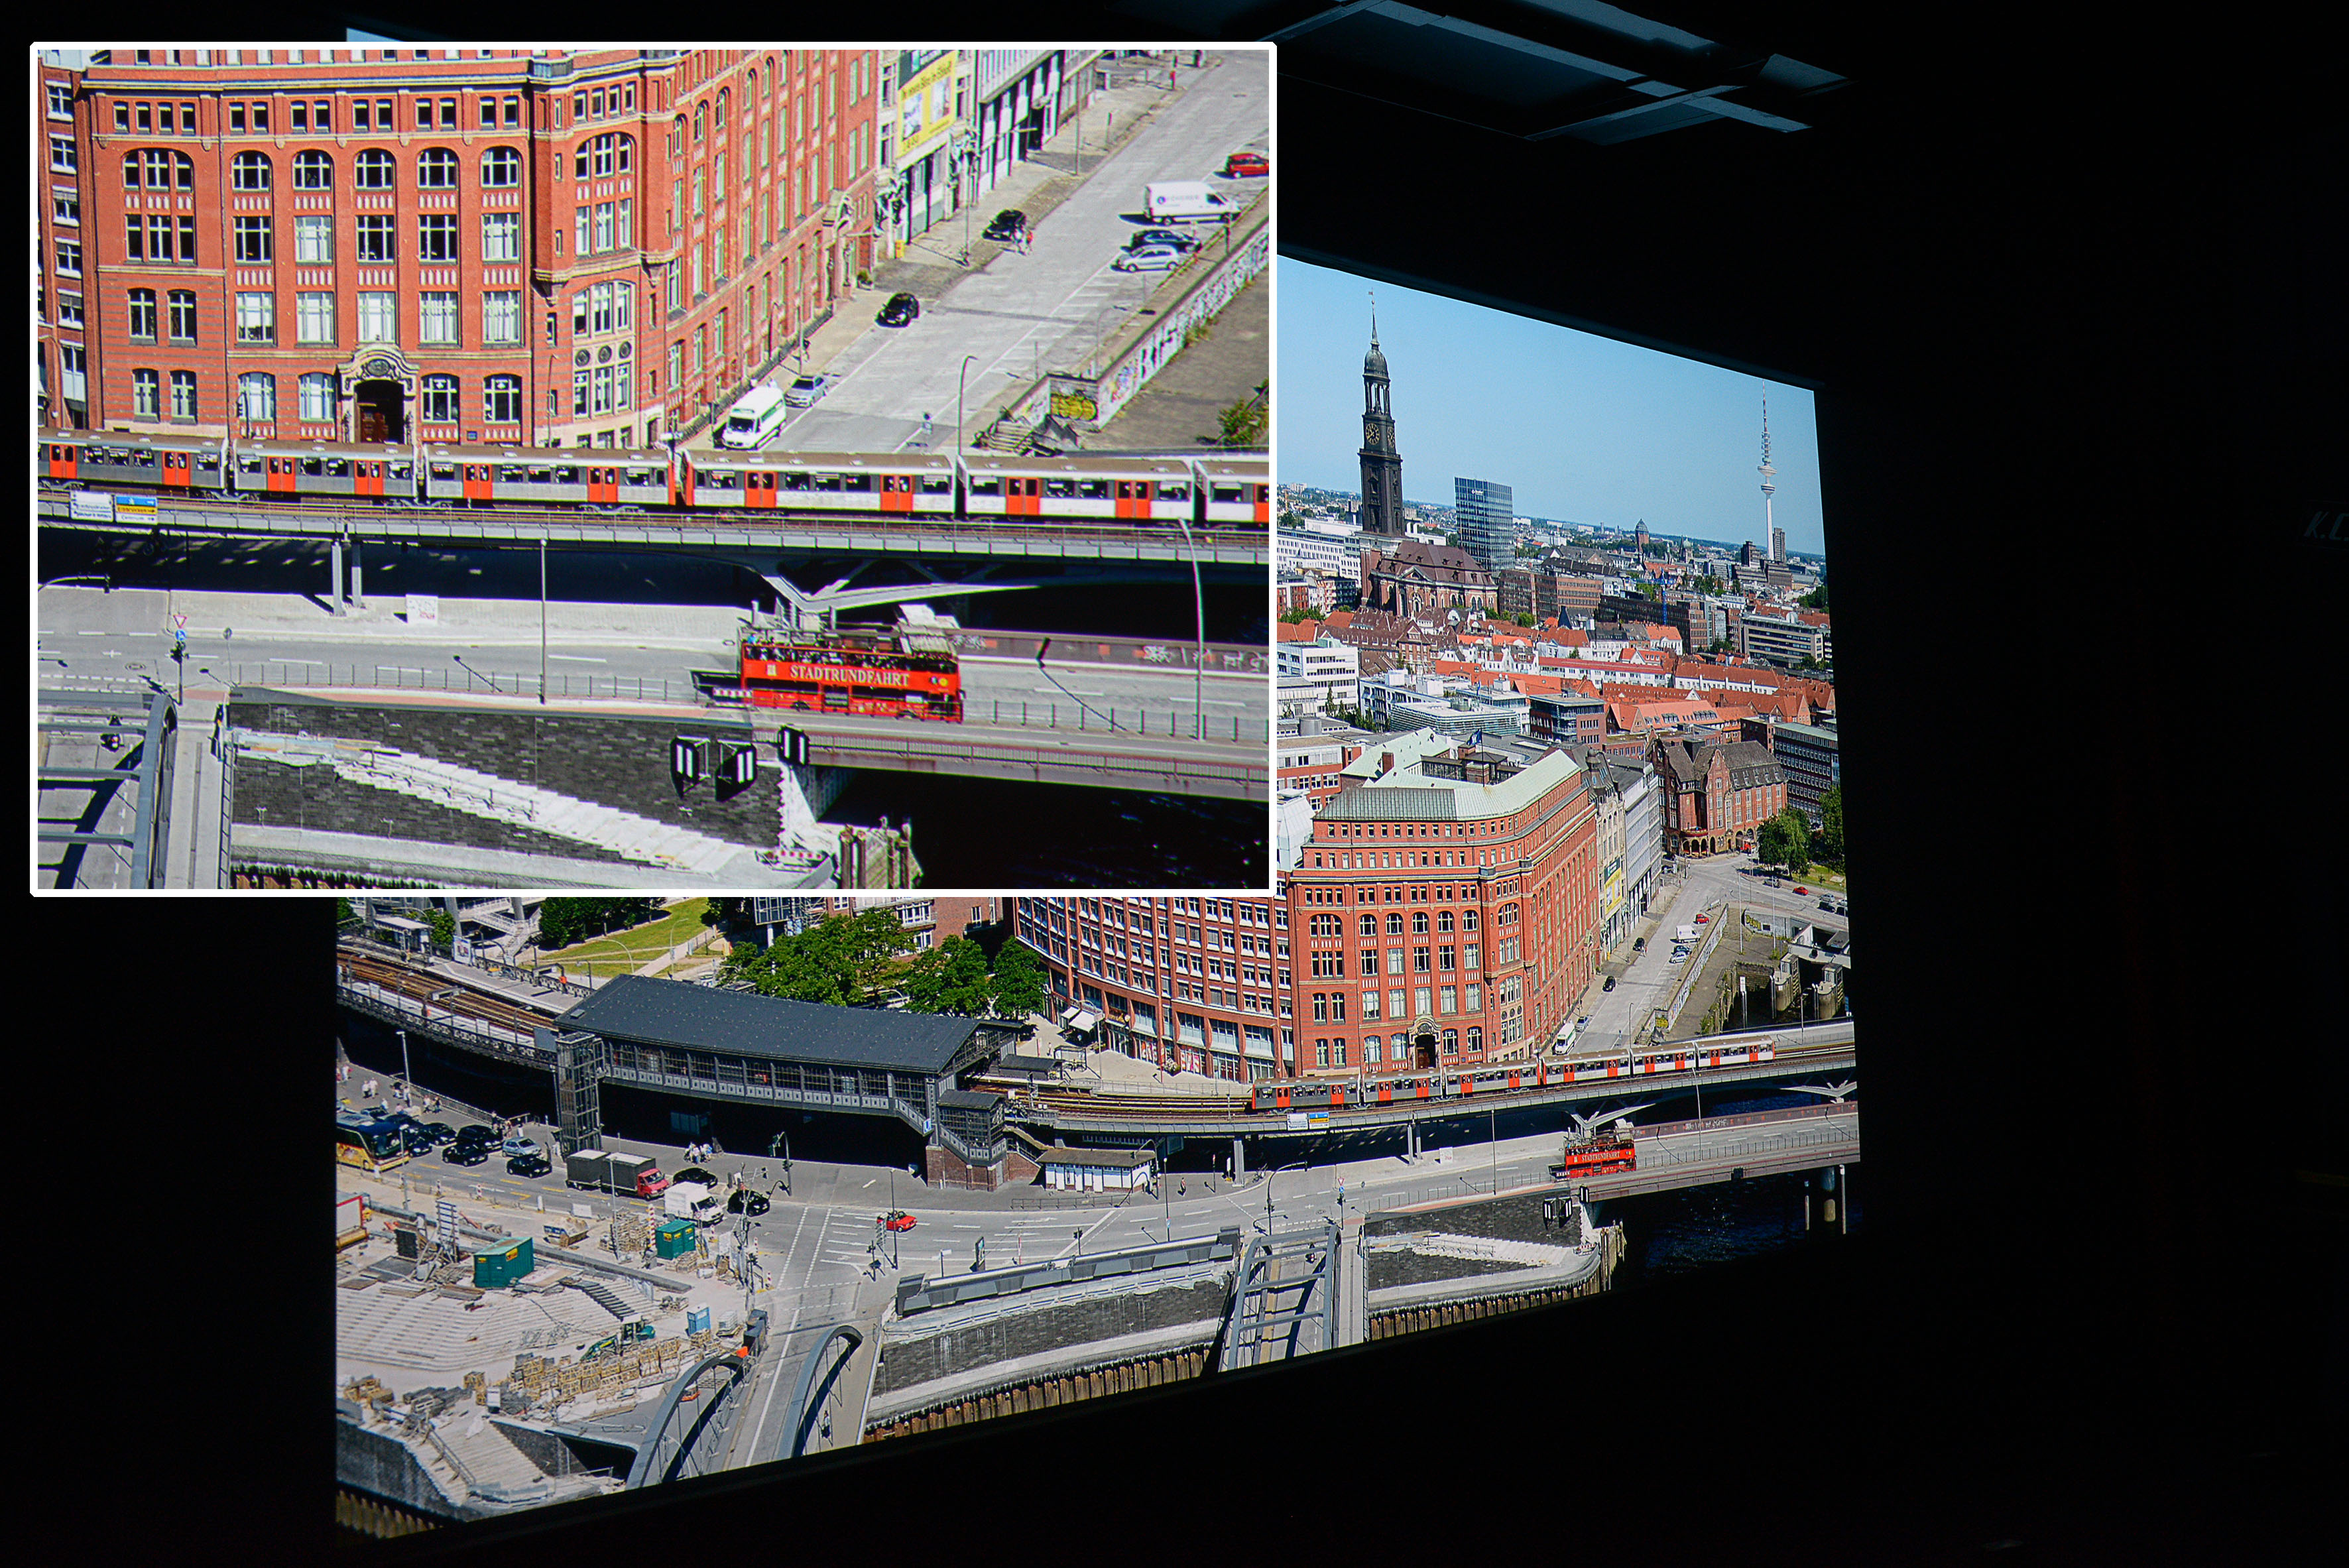 """Michael B. Rehders Aus der 21. Etage des Hanseatic Trade Centers habe ich diese Panorama-Aufnahme geschossen. Auf der Ausschnittsvergrößerung (kleines Foto) ist gut zu sehen, dass der Schriftzug """"STADTRUNDFAHRT"""" vollständig abgebildet ist. Sogar einzelne Personen sind im Bus erkennbar. Das Wasser unter der Brücke ist dunkelblau. Wer genau hinschaut, erkennt sogar zwei Fahrradfahrer unter den Wegweisern an der U-Bahn-Brücke. Ein Fliegengitter ist nicht zu sehen, so dass dieses Foto fast wie ein Dia erscheint."""